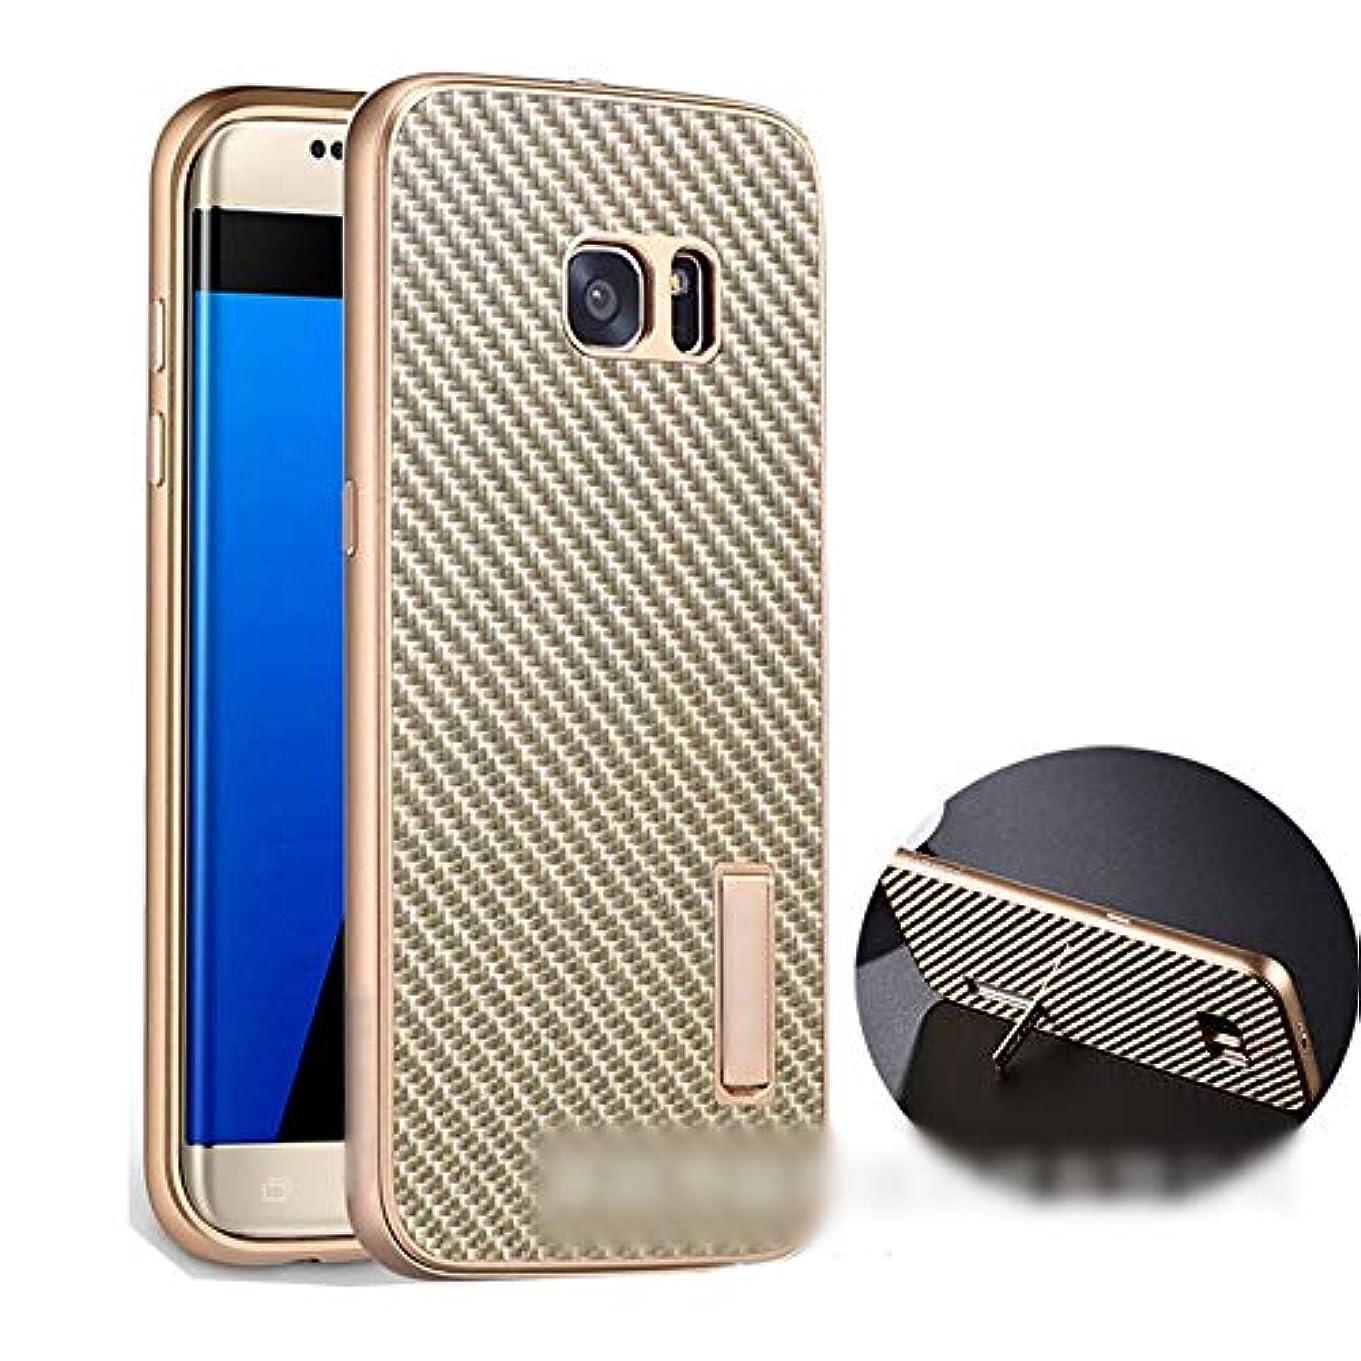 組み合わせる交換可能失敗Tonglilili 携帯電話ケース、カーボンファイバー携帯電話ケースサムスンS6プラス、S6、S7エッジ、S7、注5、注4のオールインクルーシブメタルシェル電話カバーアンチフォールフォーン電話ケース (Color : ゴールド, Edition : S6 Plus)